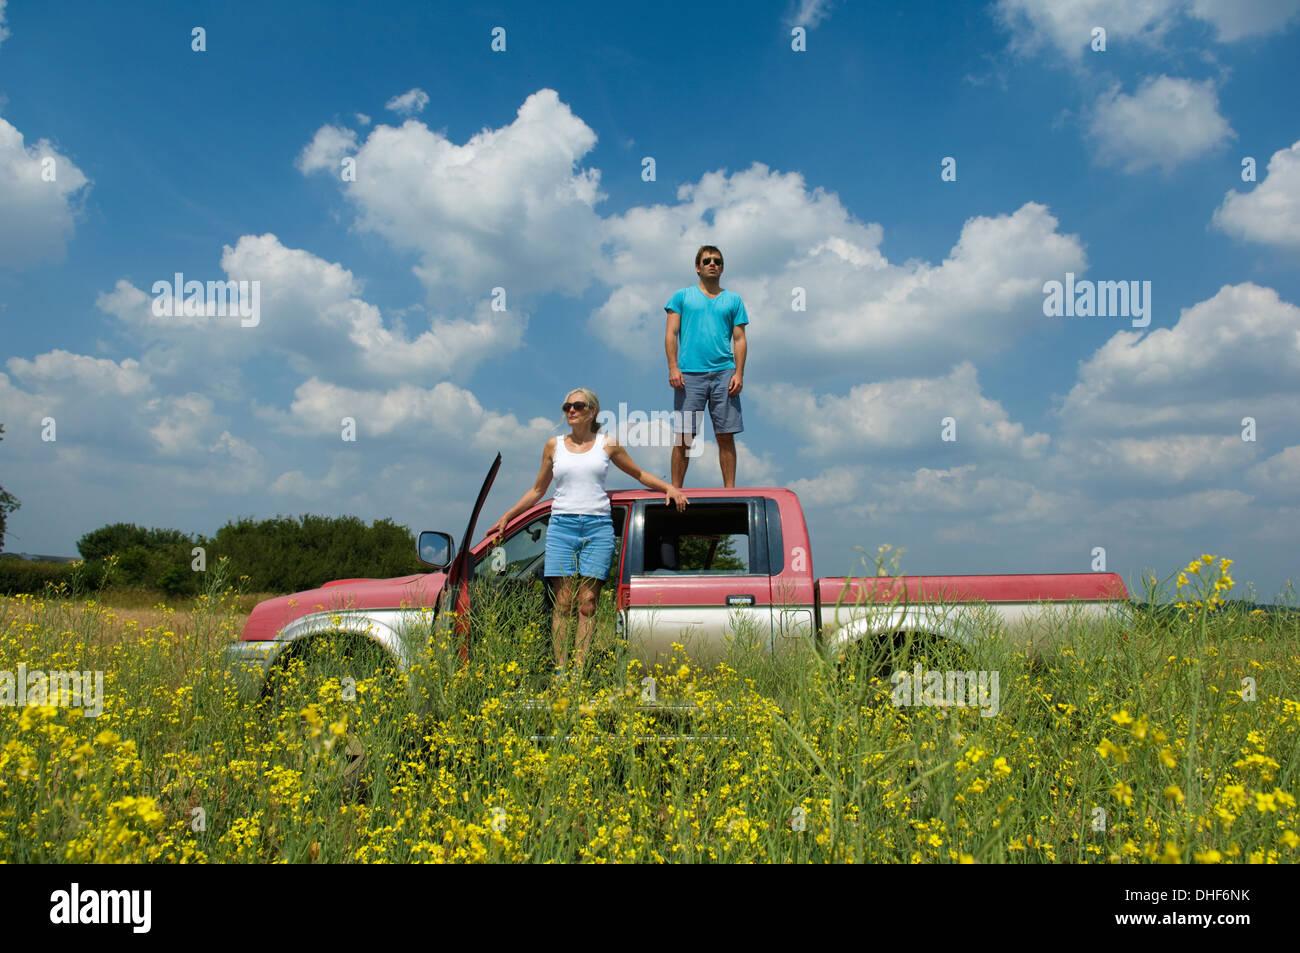 Mutter und Sohn mit Pickup-Truck im Feld, Sohn stand am Anfang von LKW Stockbild